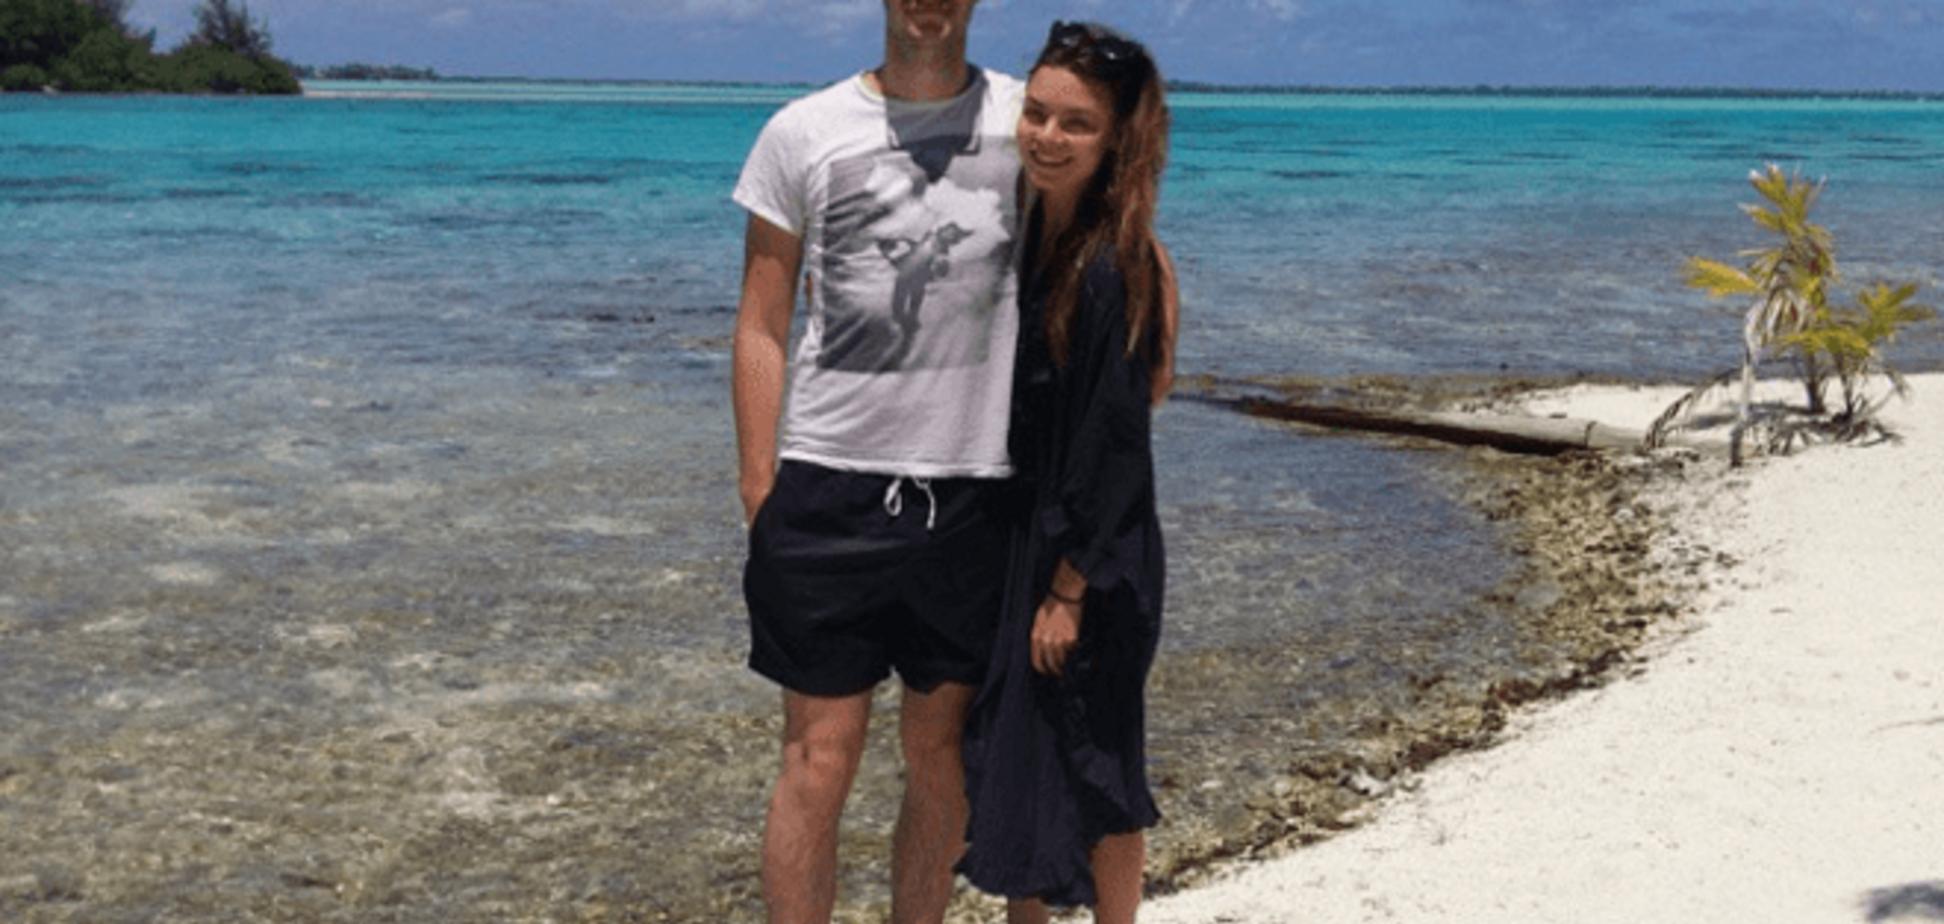 Звезда 'Гарри Поттера' стала невестой сына основателя Playboy